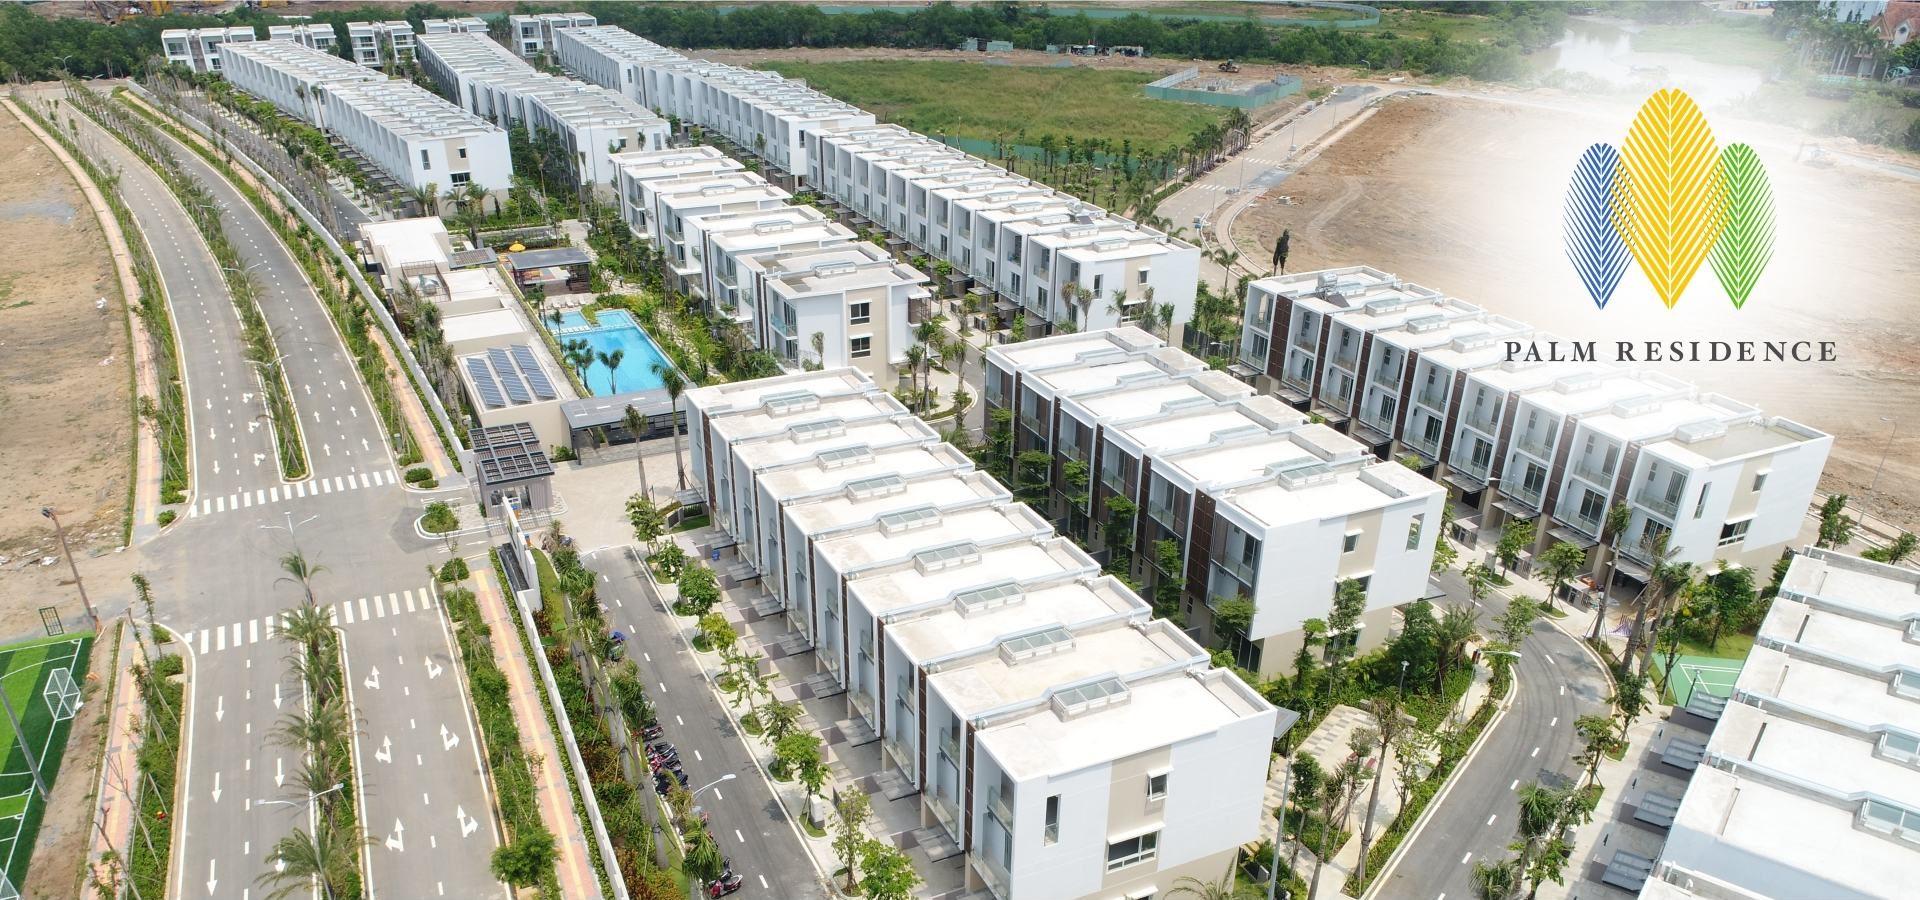 Bán Nhà Phố & Biệt Thự Palm Residence Kepple Land